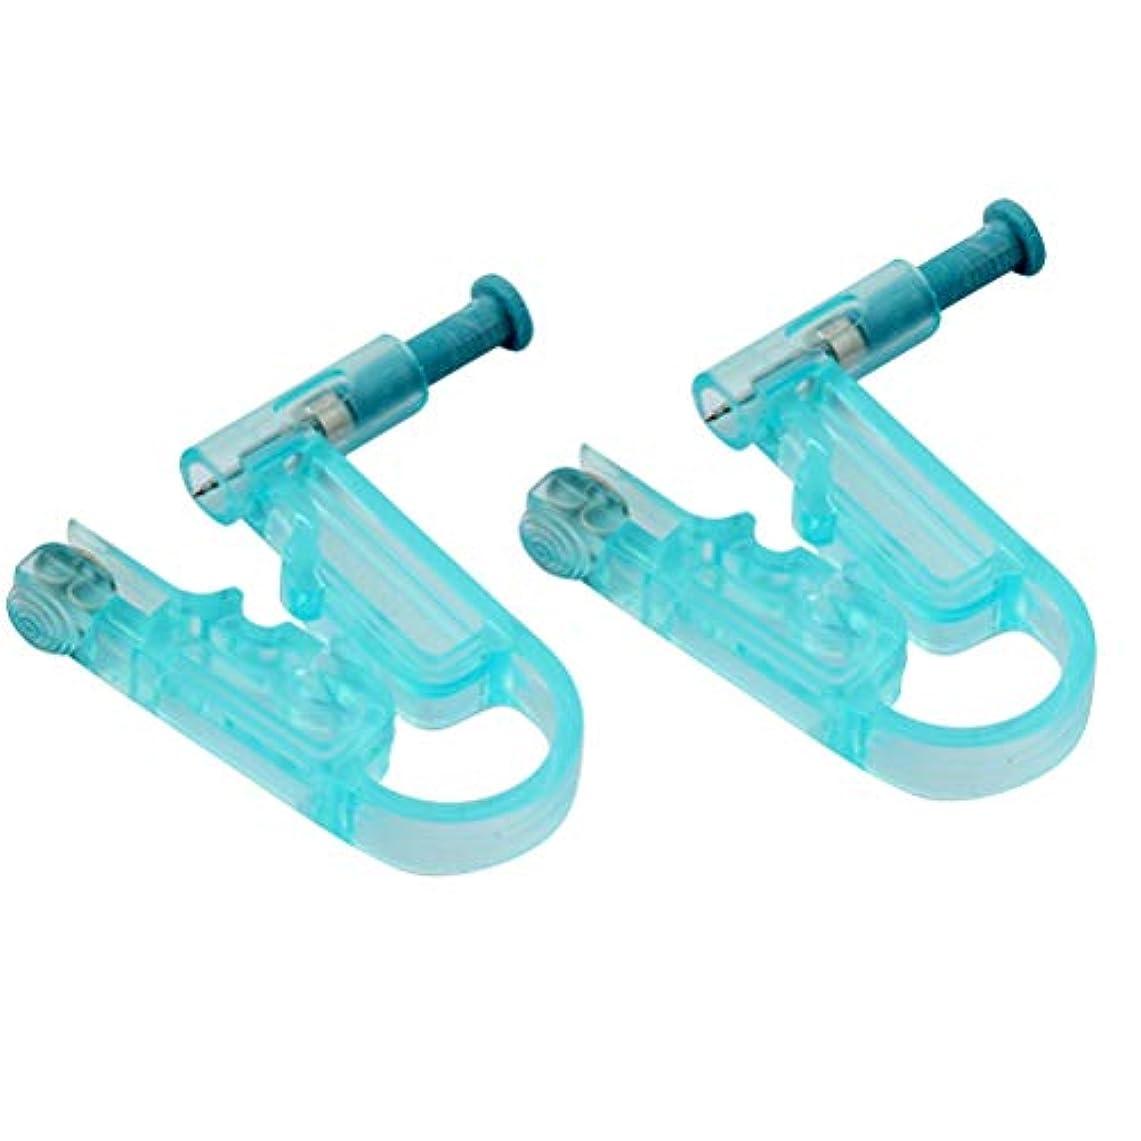 影響を受けやすいですしばしば重要Healifty 2ピース安全耳ピアスガン使い捨て自己耳ピアスツールピアス機